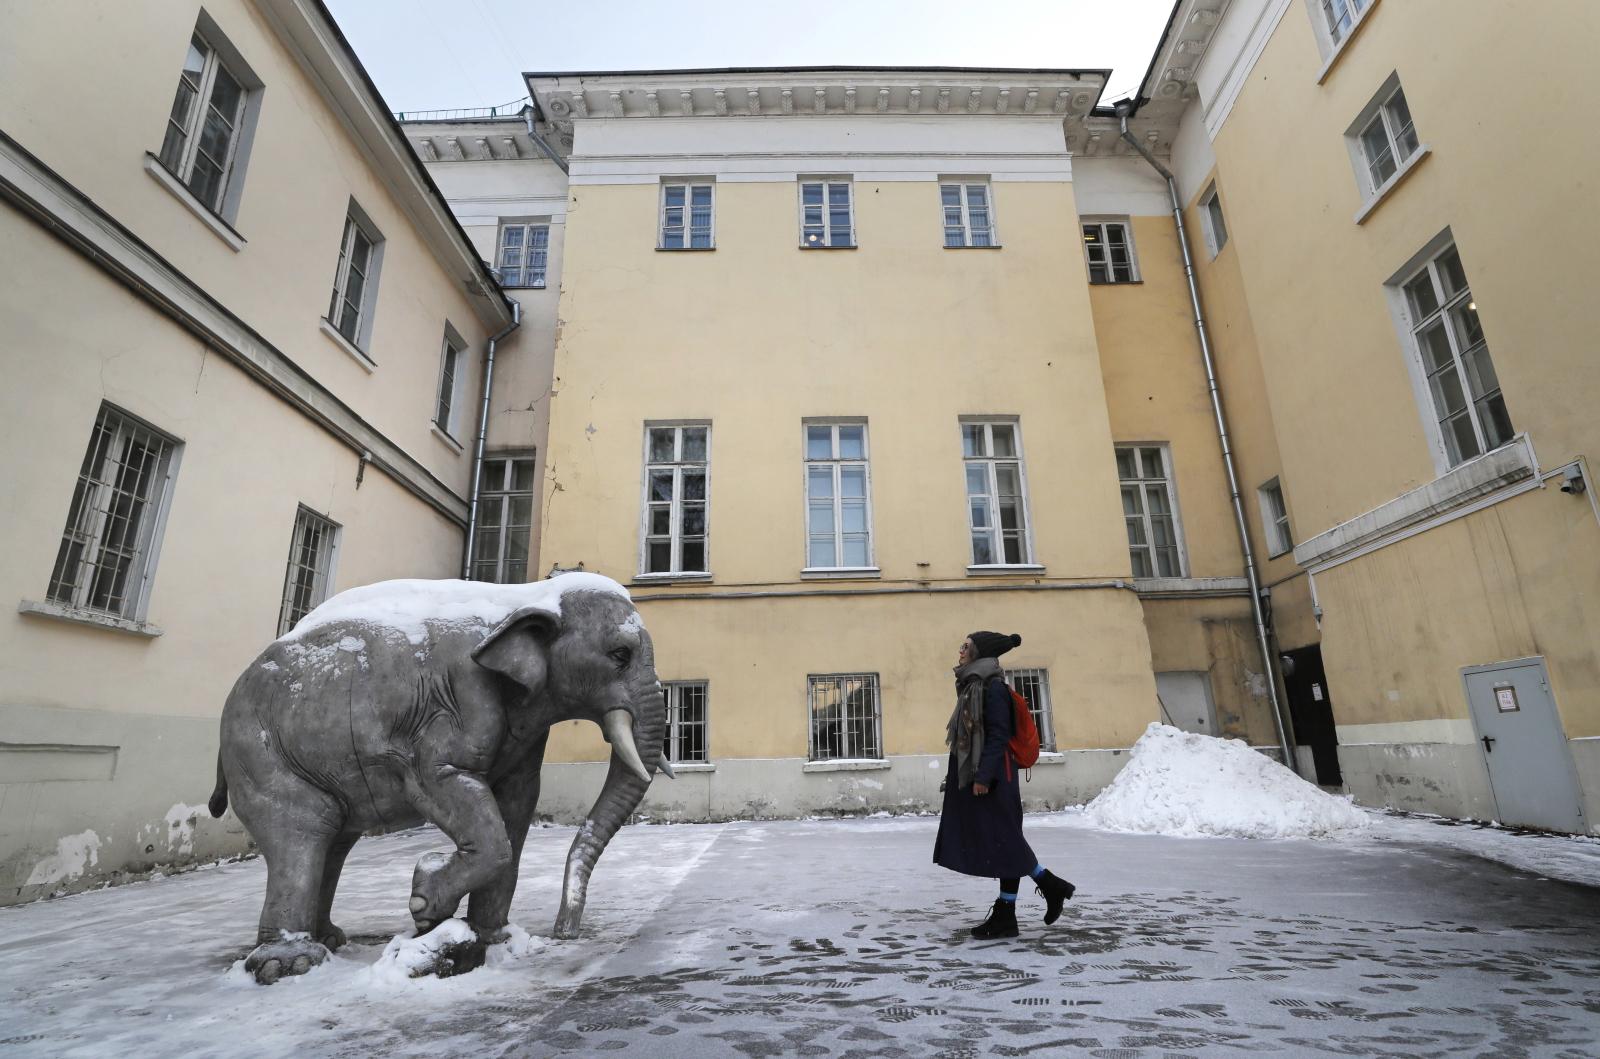 Rzeźba słonia na dziedzińcu jednego z moskiewskich budynków, Rosja. Fot. PAP/EPA/YURI KOCHETKOV